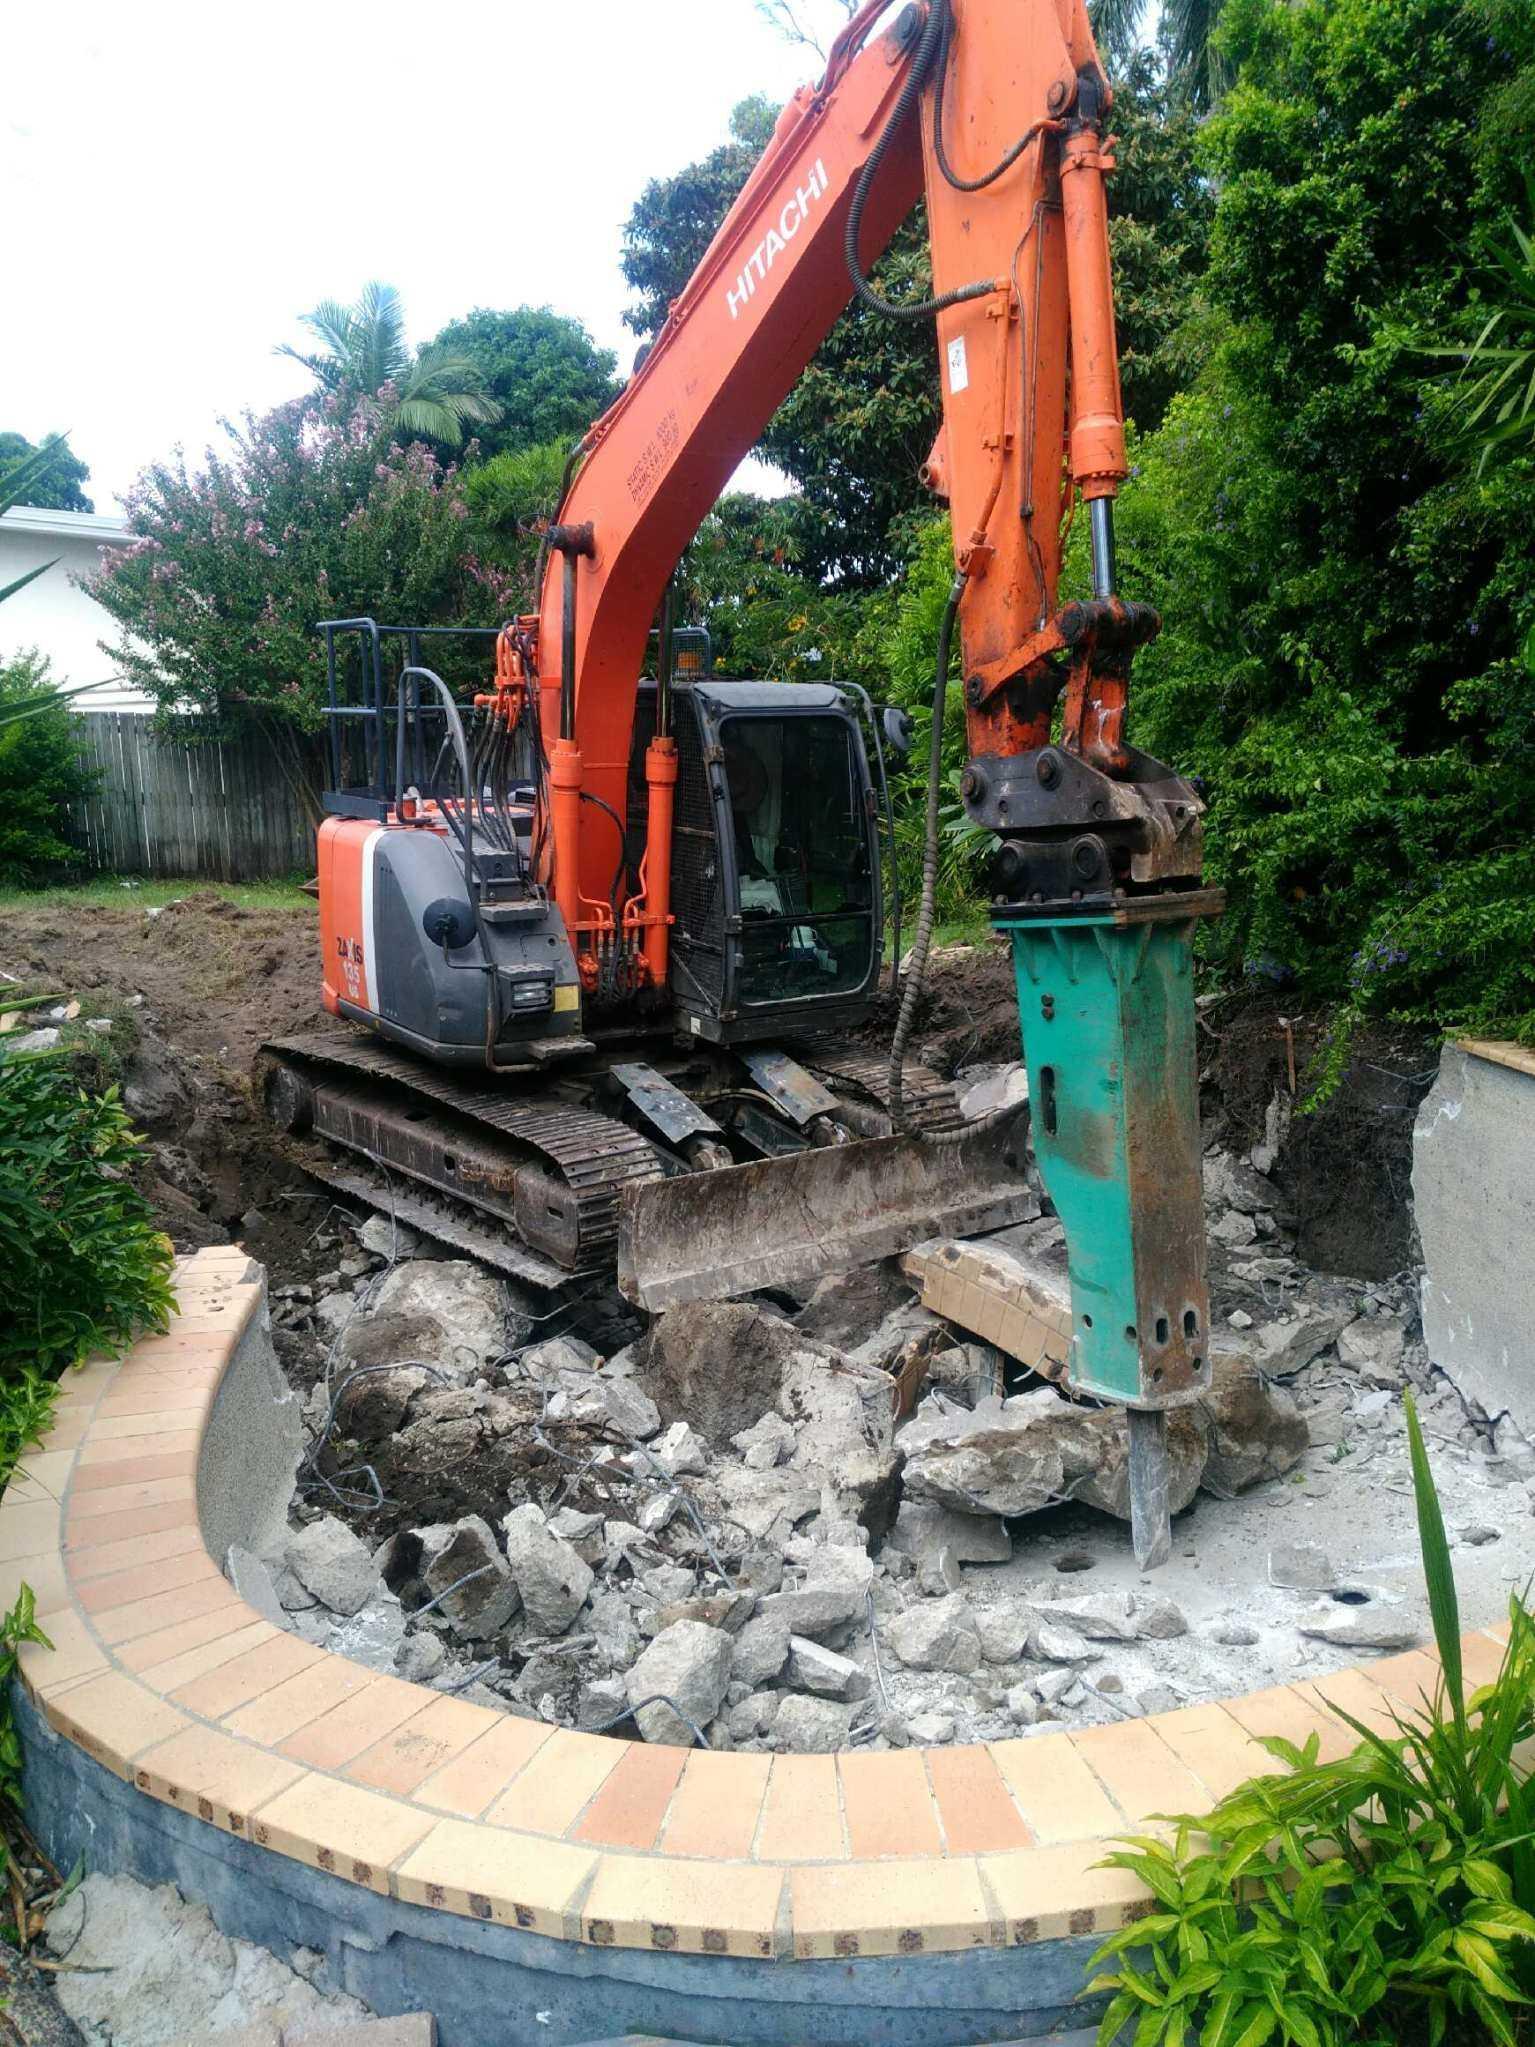 Hire 13.5T Excavator near Burpengary